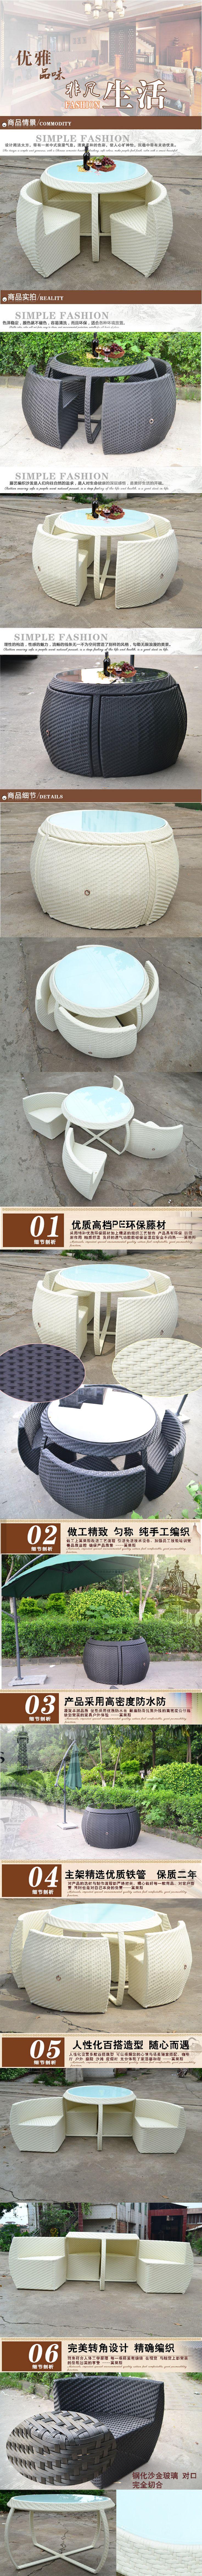 Отдых на природе открытая терраса стол кафе и стулья мебель патио, плетеные кресла и творческий маленький круглый столик пять частей - Taobao